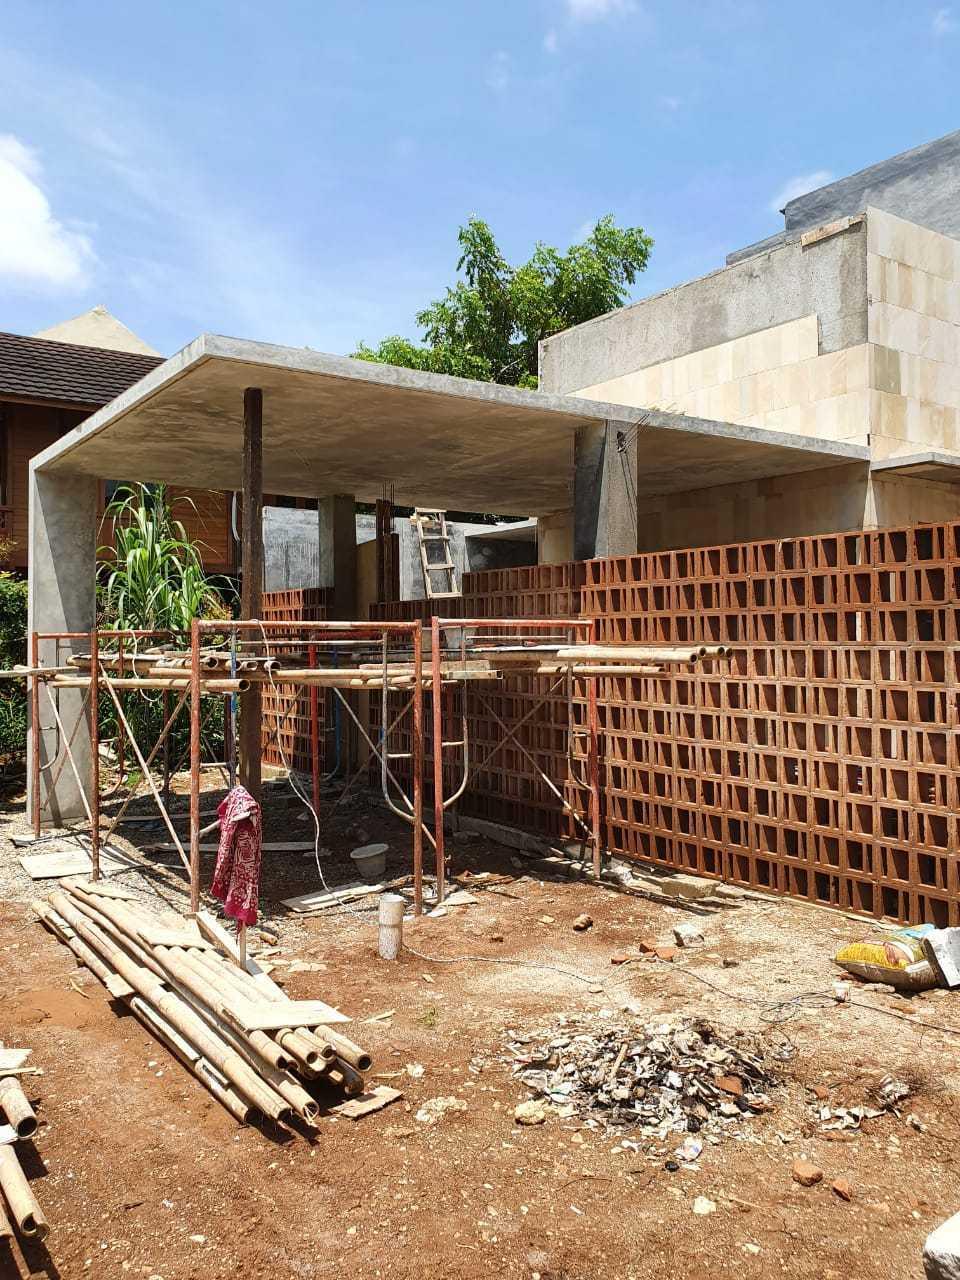 Aksa  Pk-House Kec. Ps. Kemis, Tangerang, Banten, Indonesia Kec. Ps. Kemis, Tangerang, Banten, Indonesia Aksa-Pk-House   86681